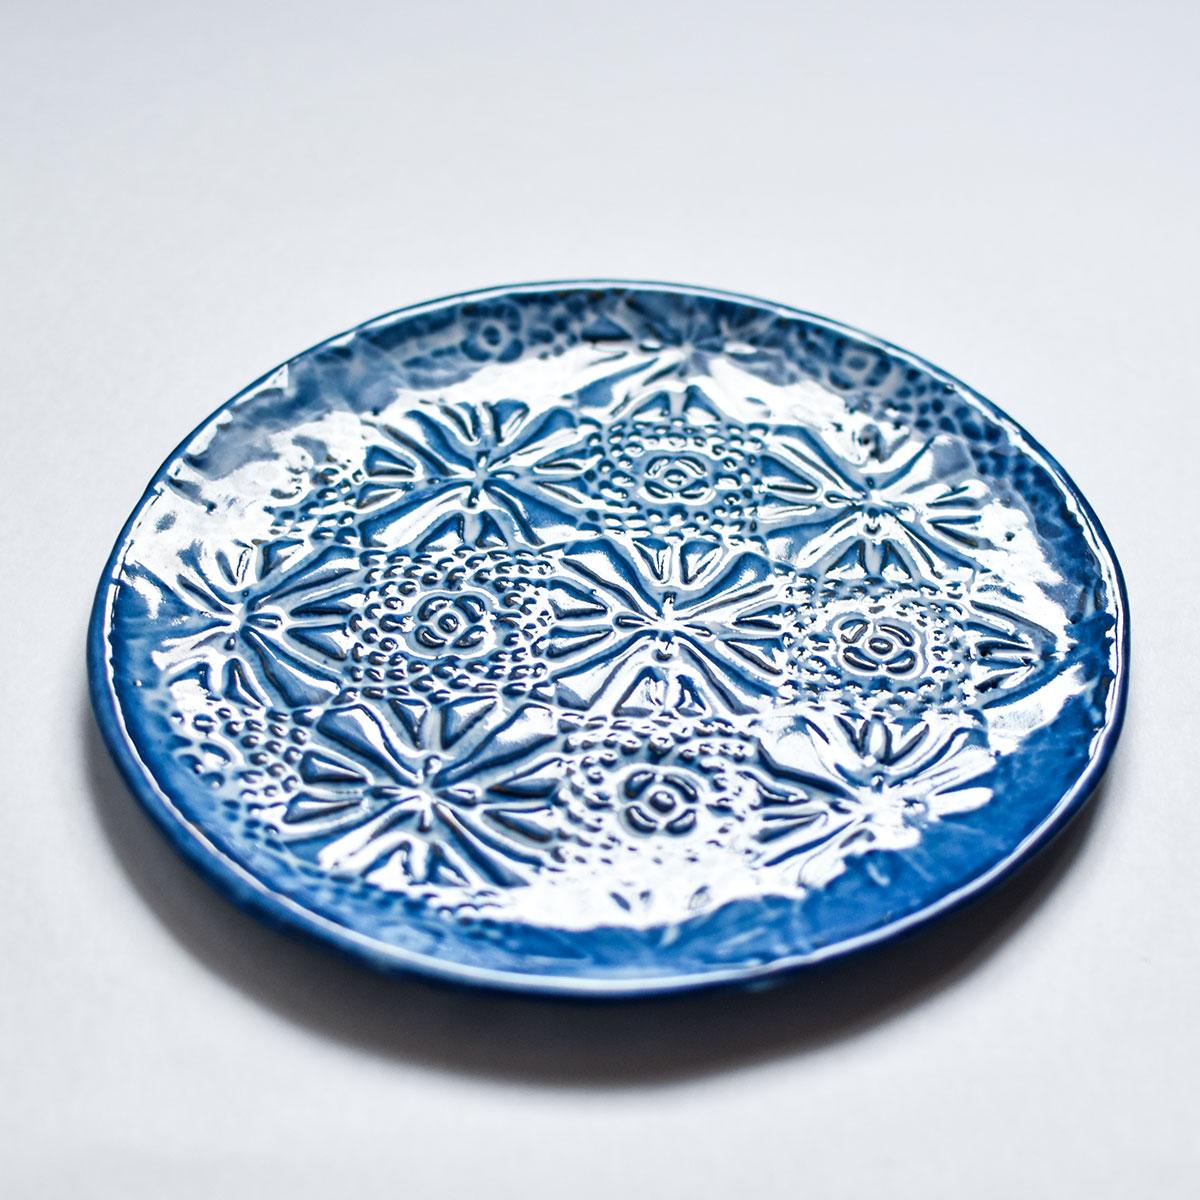 """картинка Керамическая тарелка с кружевом """"Морозные узоры"""" 2 - DishWishes.Ru"""